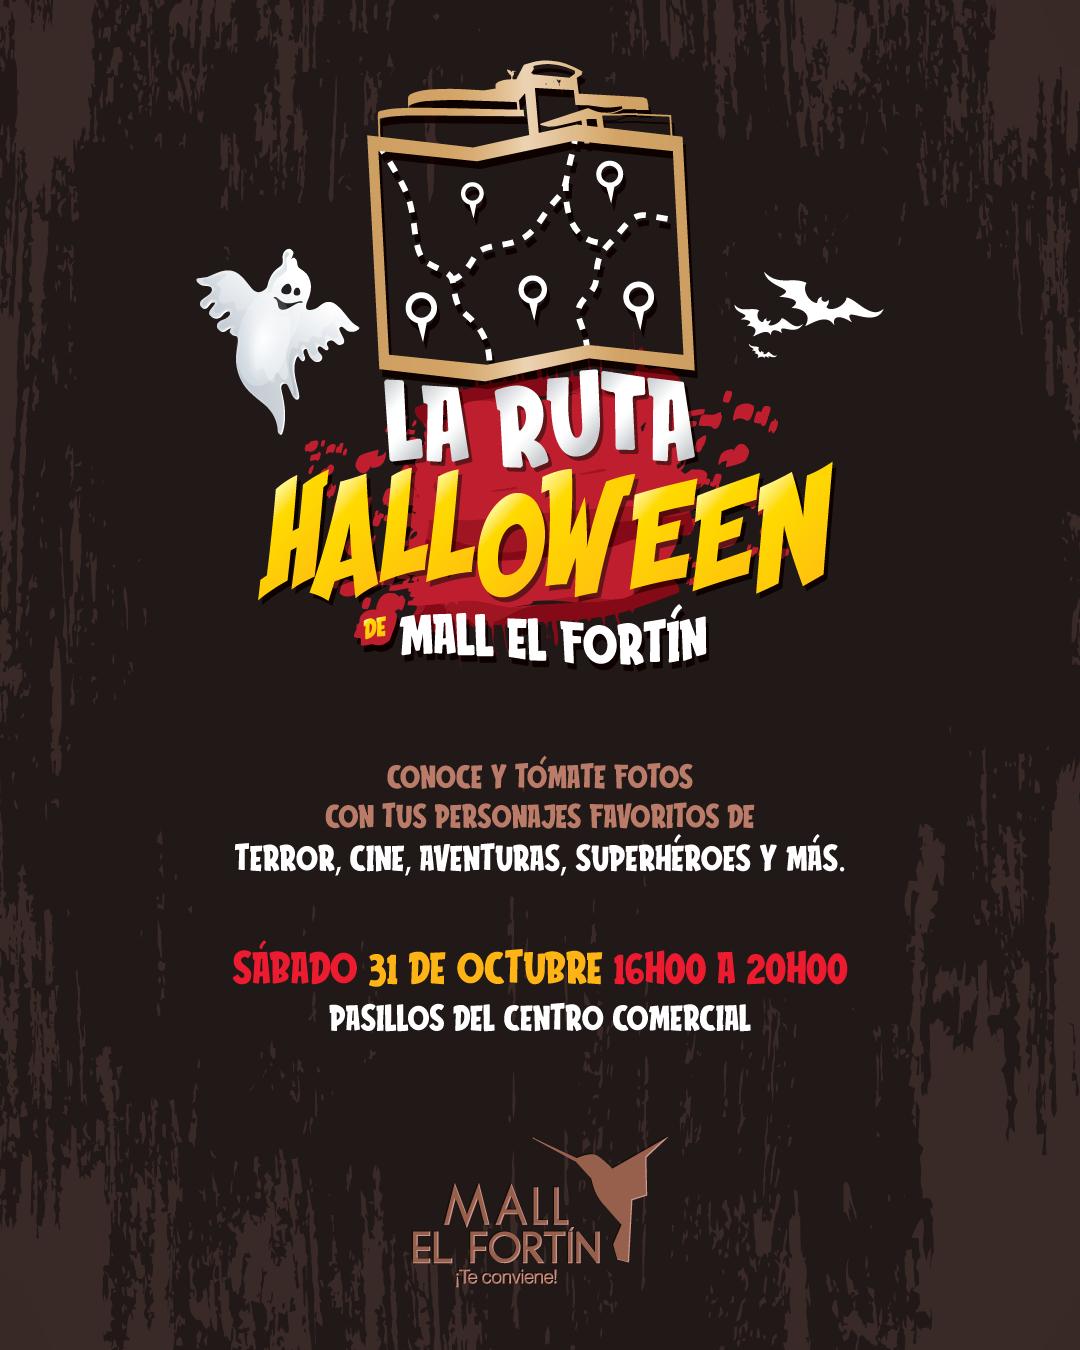 LA RUTA HALLOWEEN DE MALL EL FORTÍN 31/10/2020